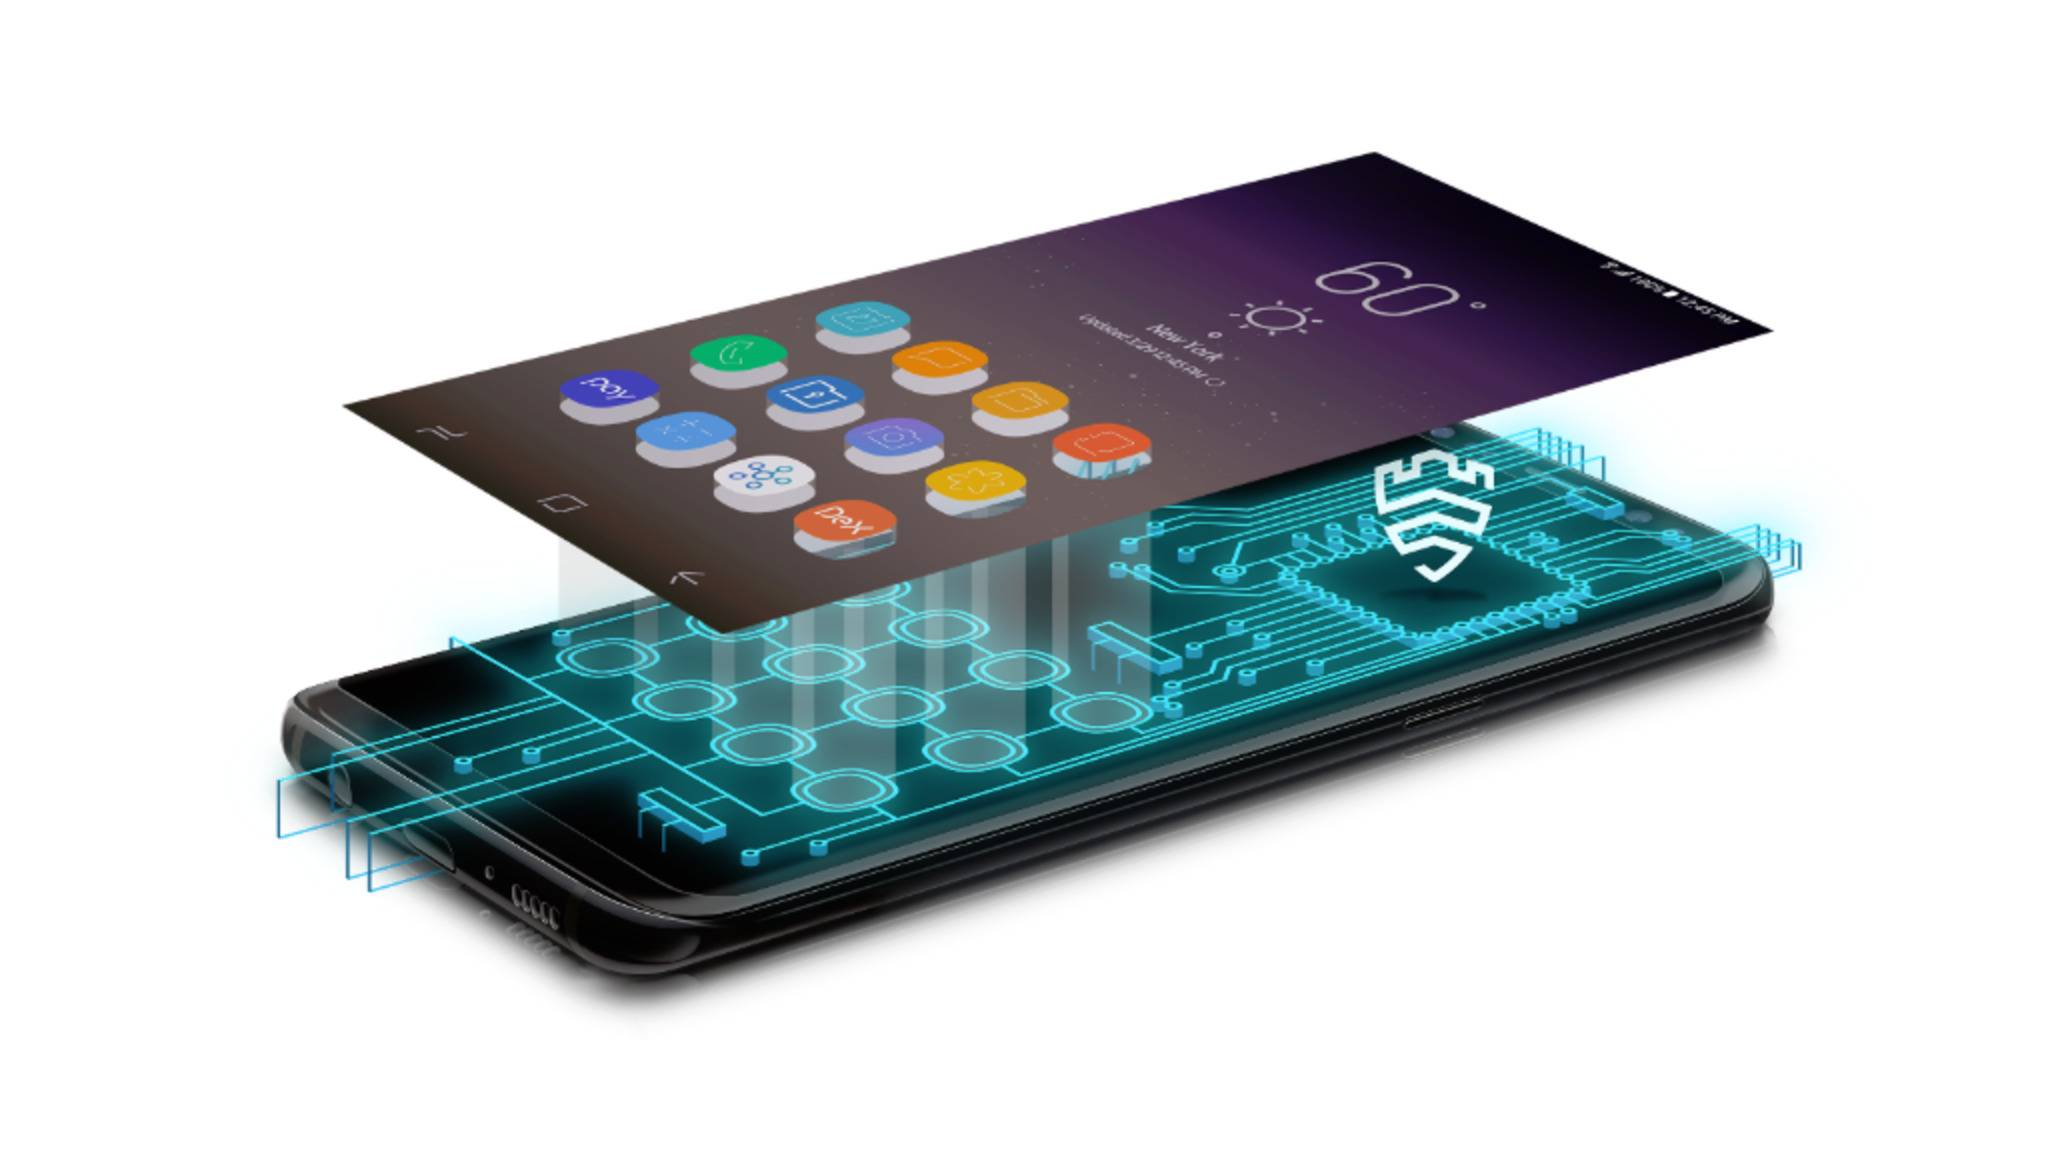 Knox ist die Sicherheitsplattform für Samsung-Geräte.